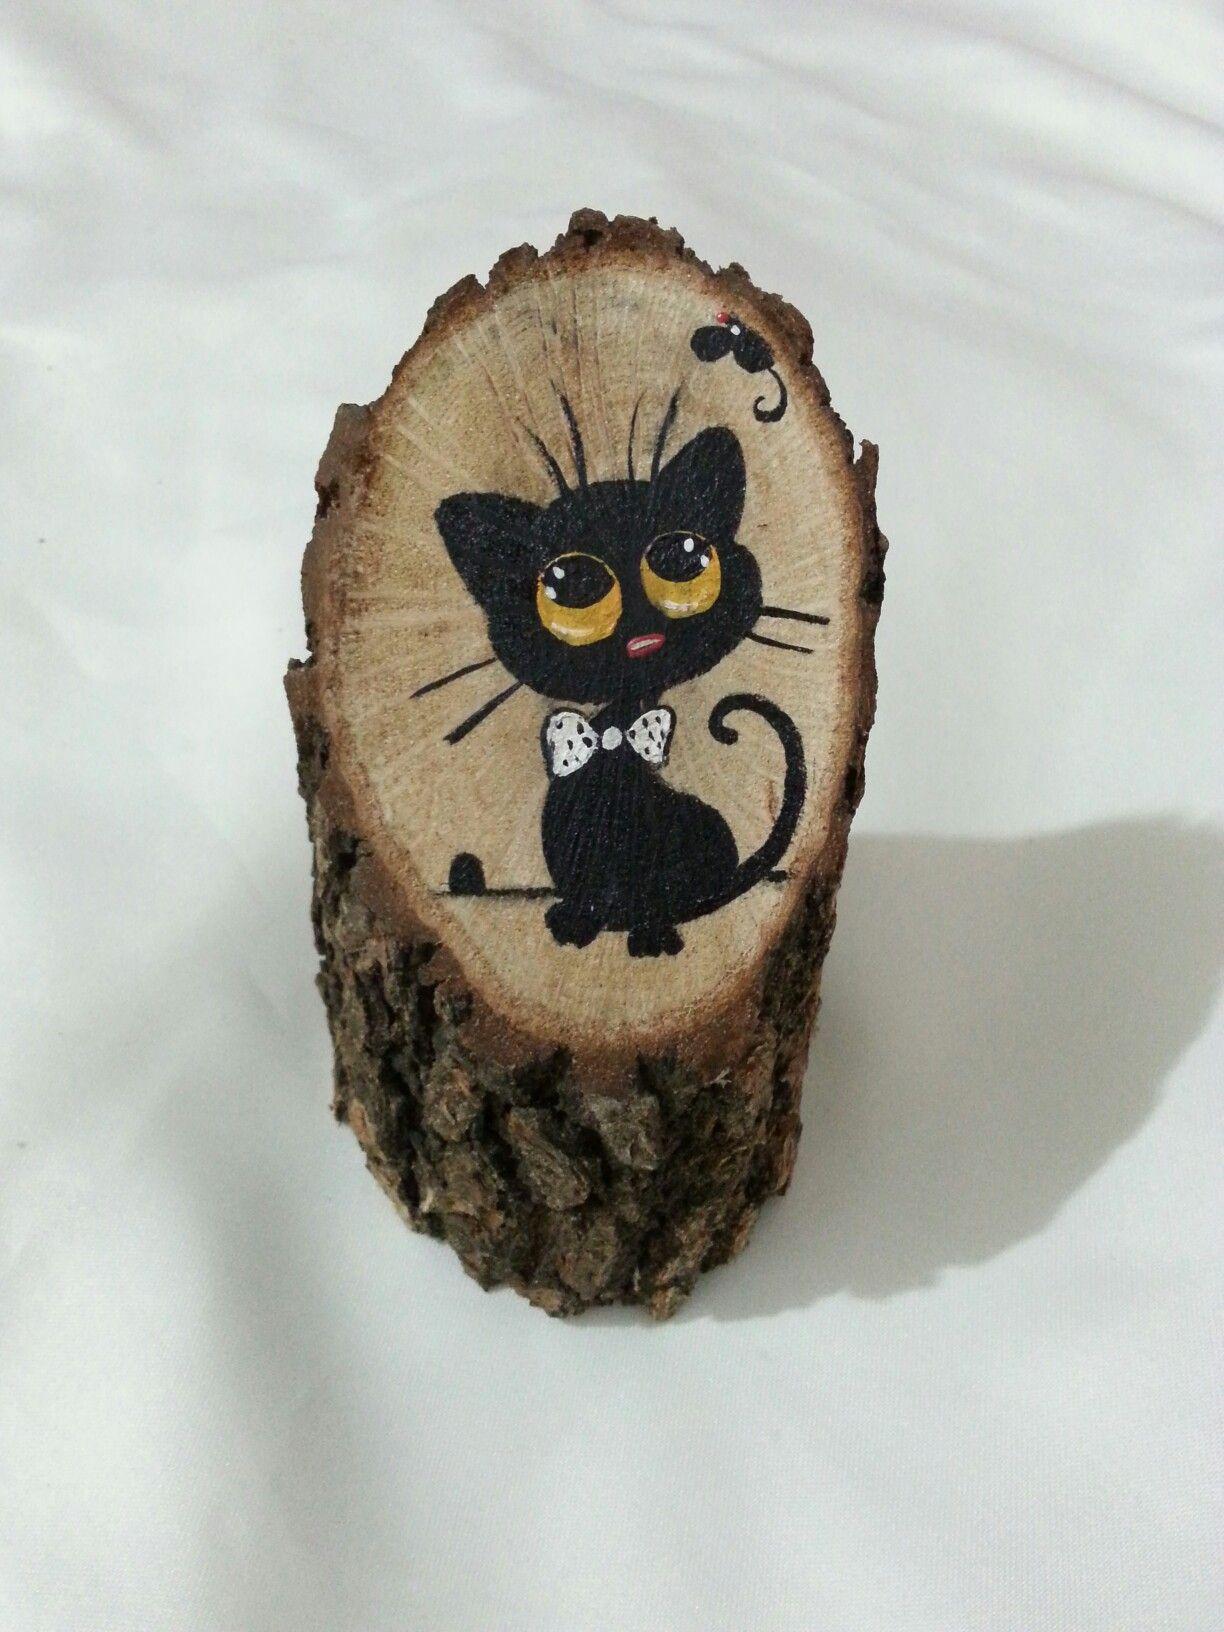 Kara Kedi Agac Uzerine Akrilik El Boyamasi Kedicik Kedi Kedi